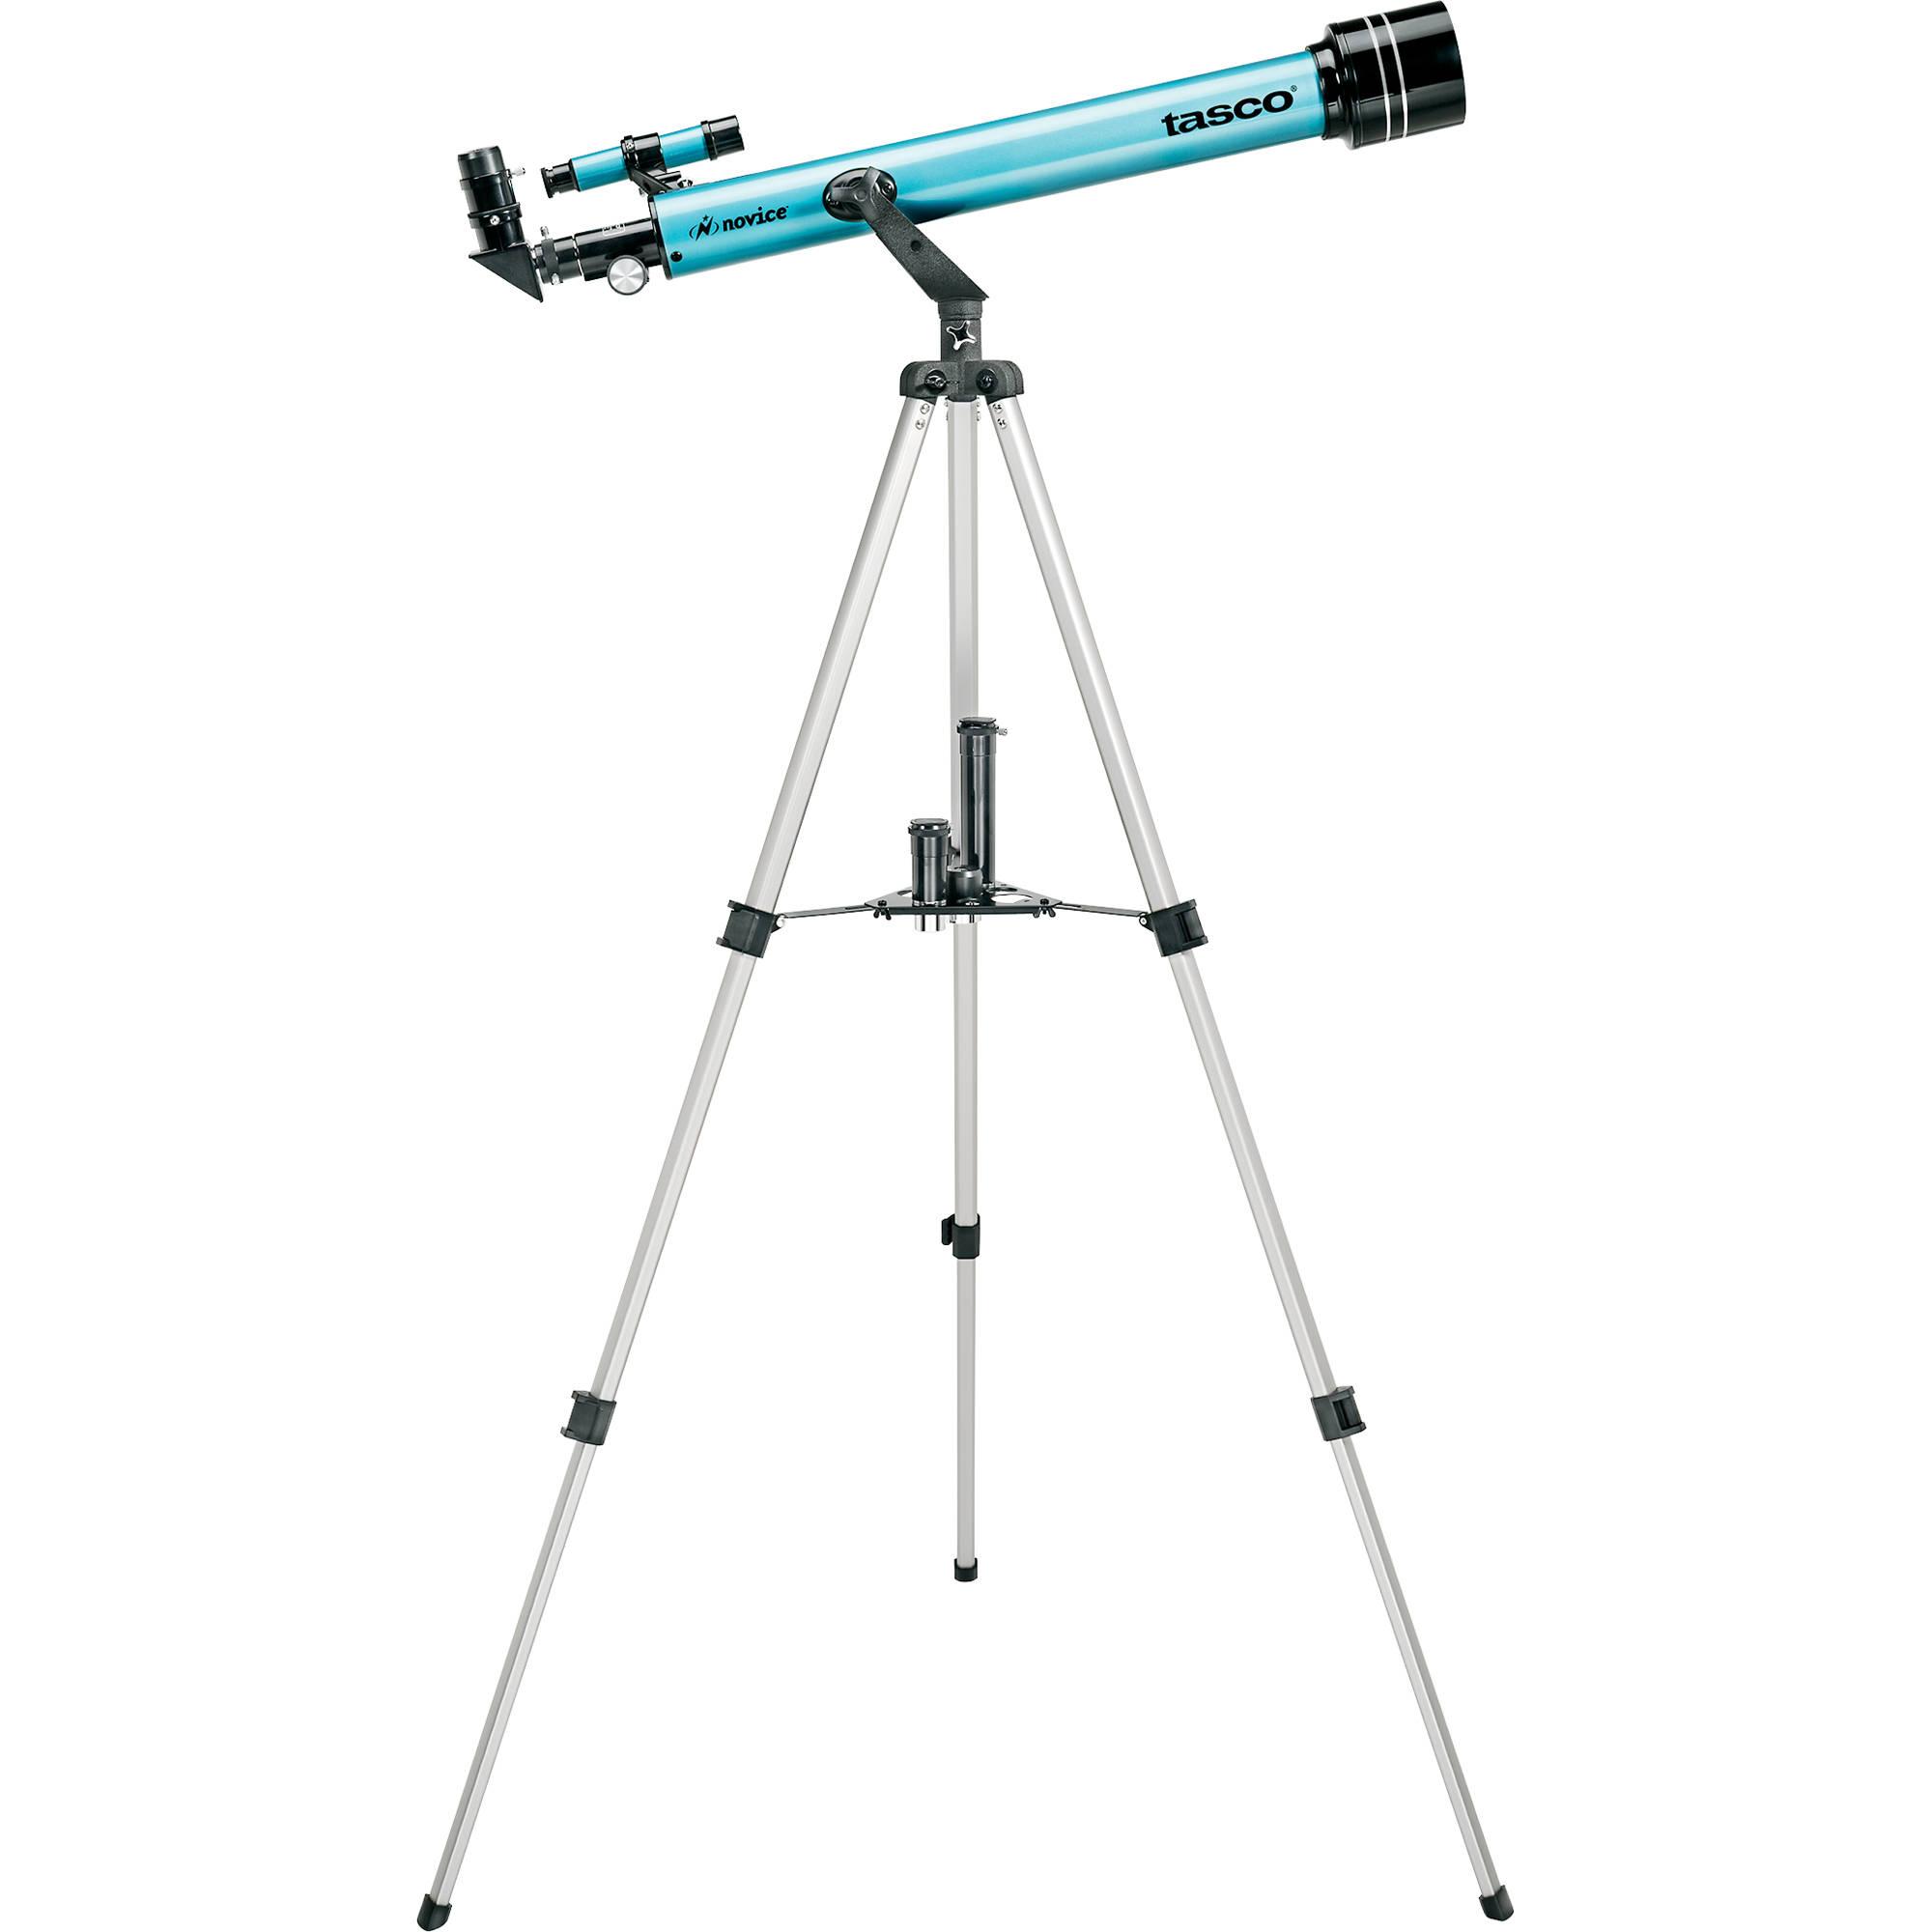 Novice Tasco Refractor Telescope